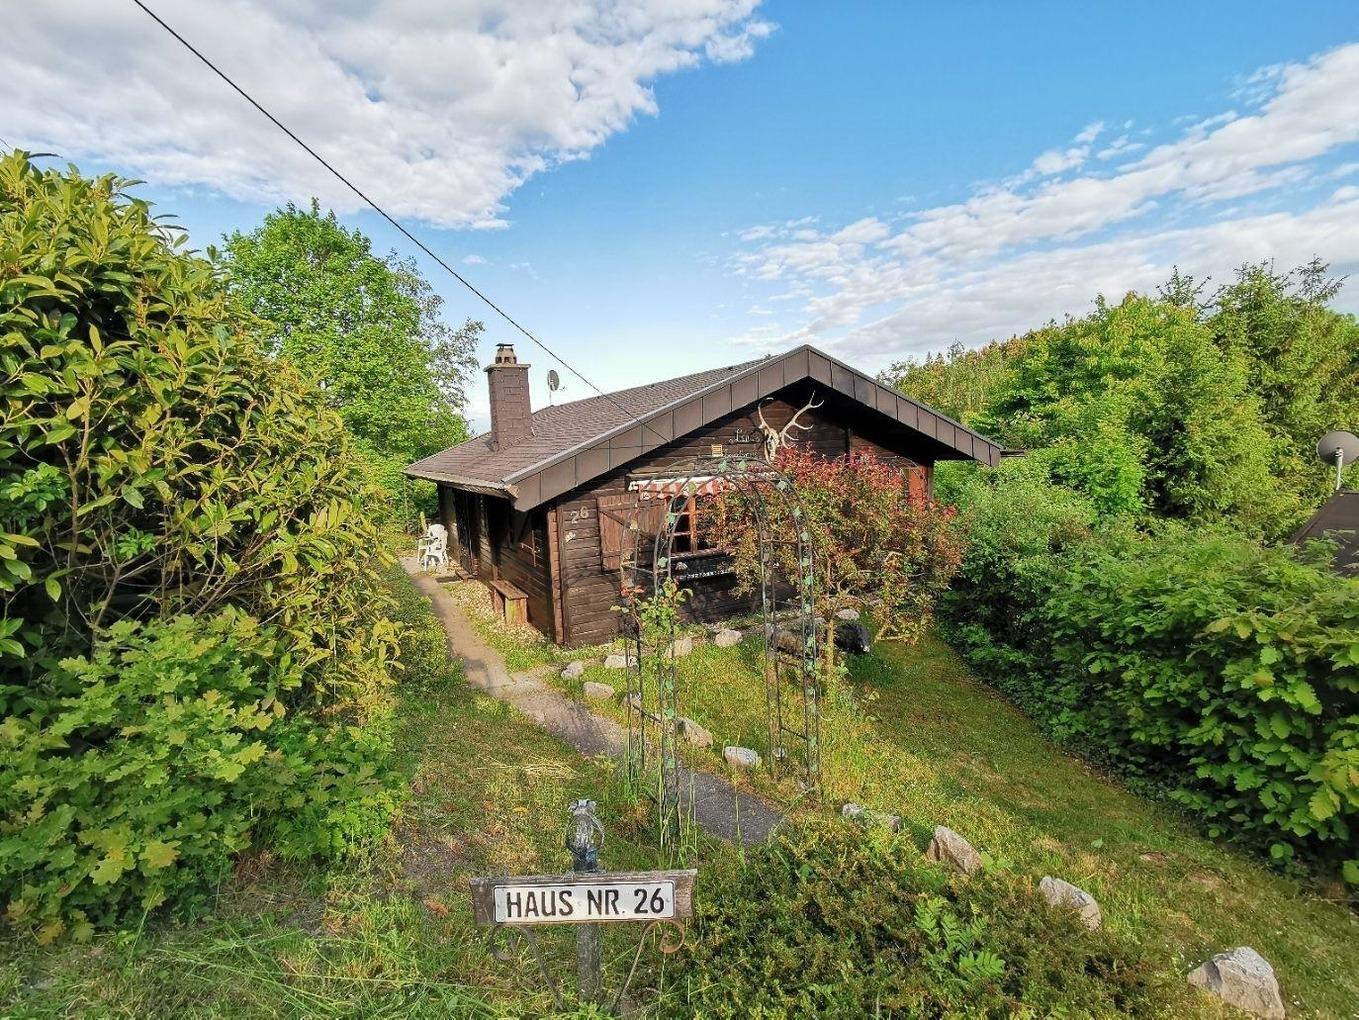 Ferienhaus Ferienwohnung Willingen Mit Kamin Urlaub 2021 2022 Buchen